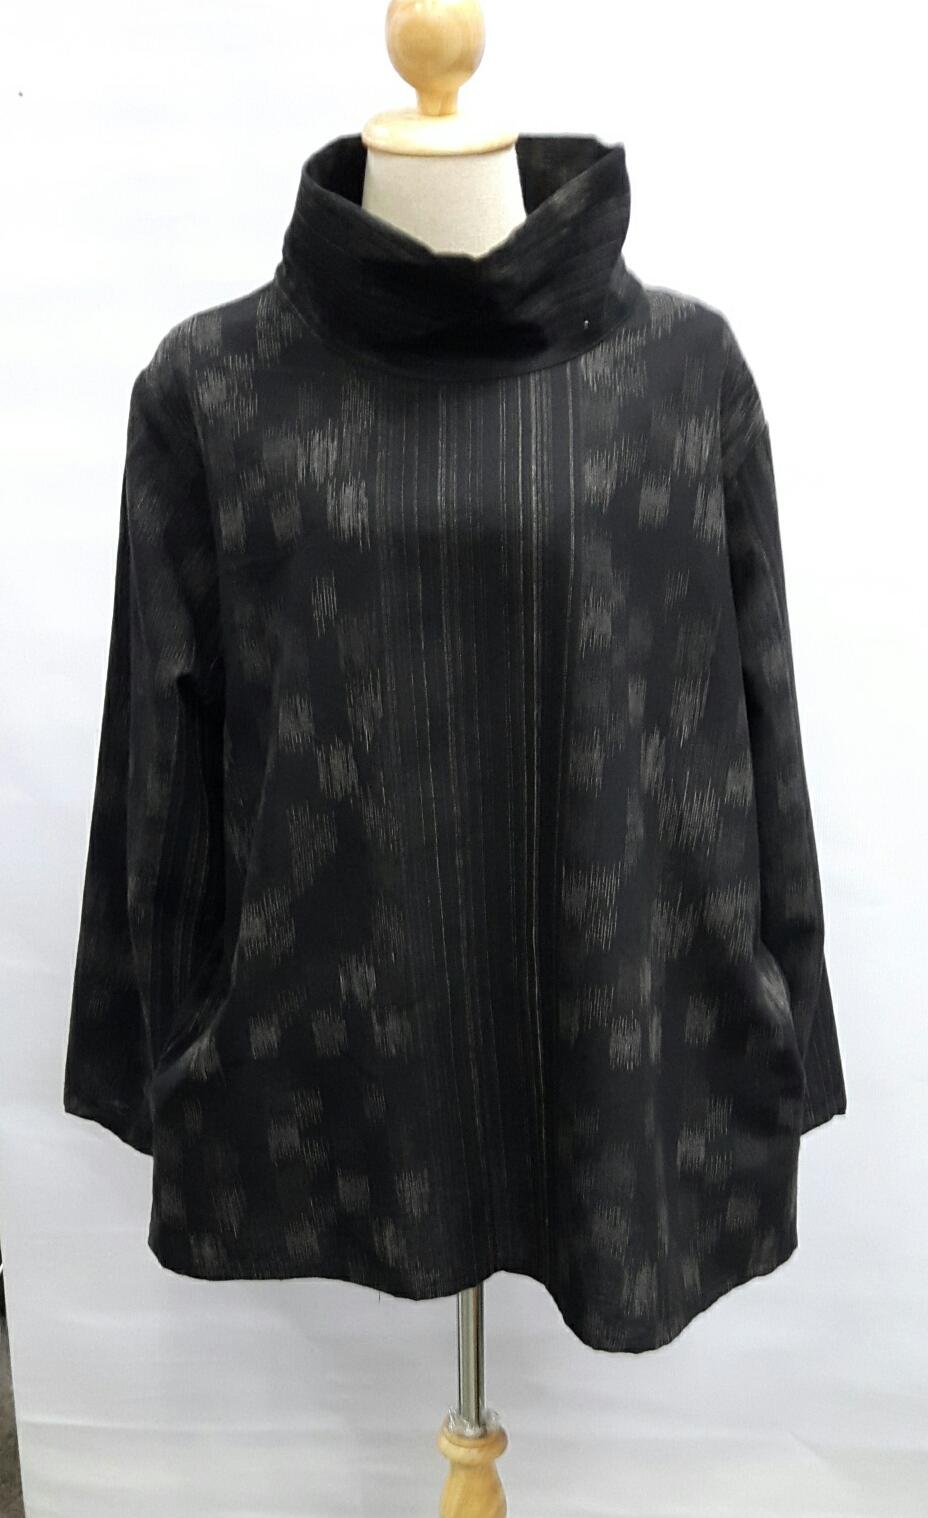 เสื้อผ้าฝ้ายพิมพ์ญี่ปุ่นลายคอพับแขนยาว